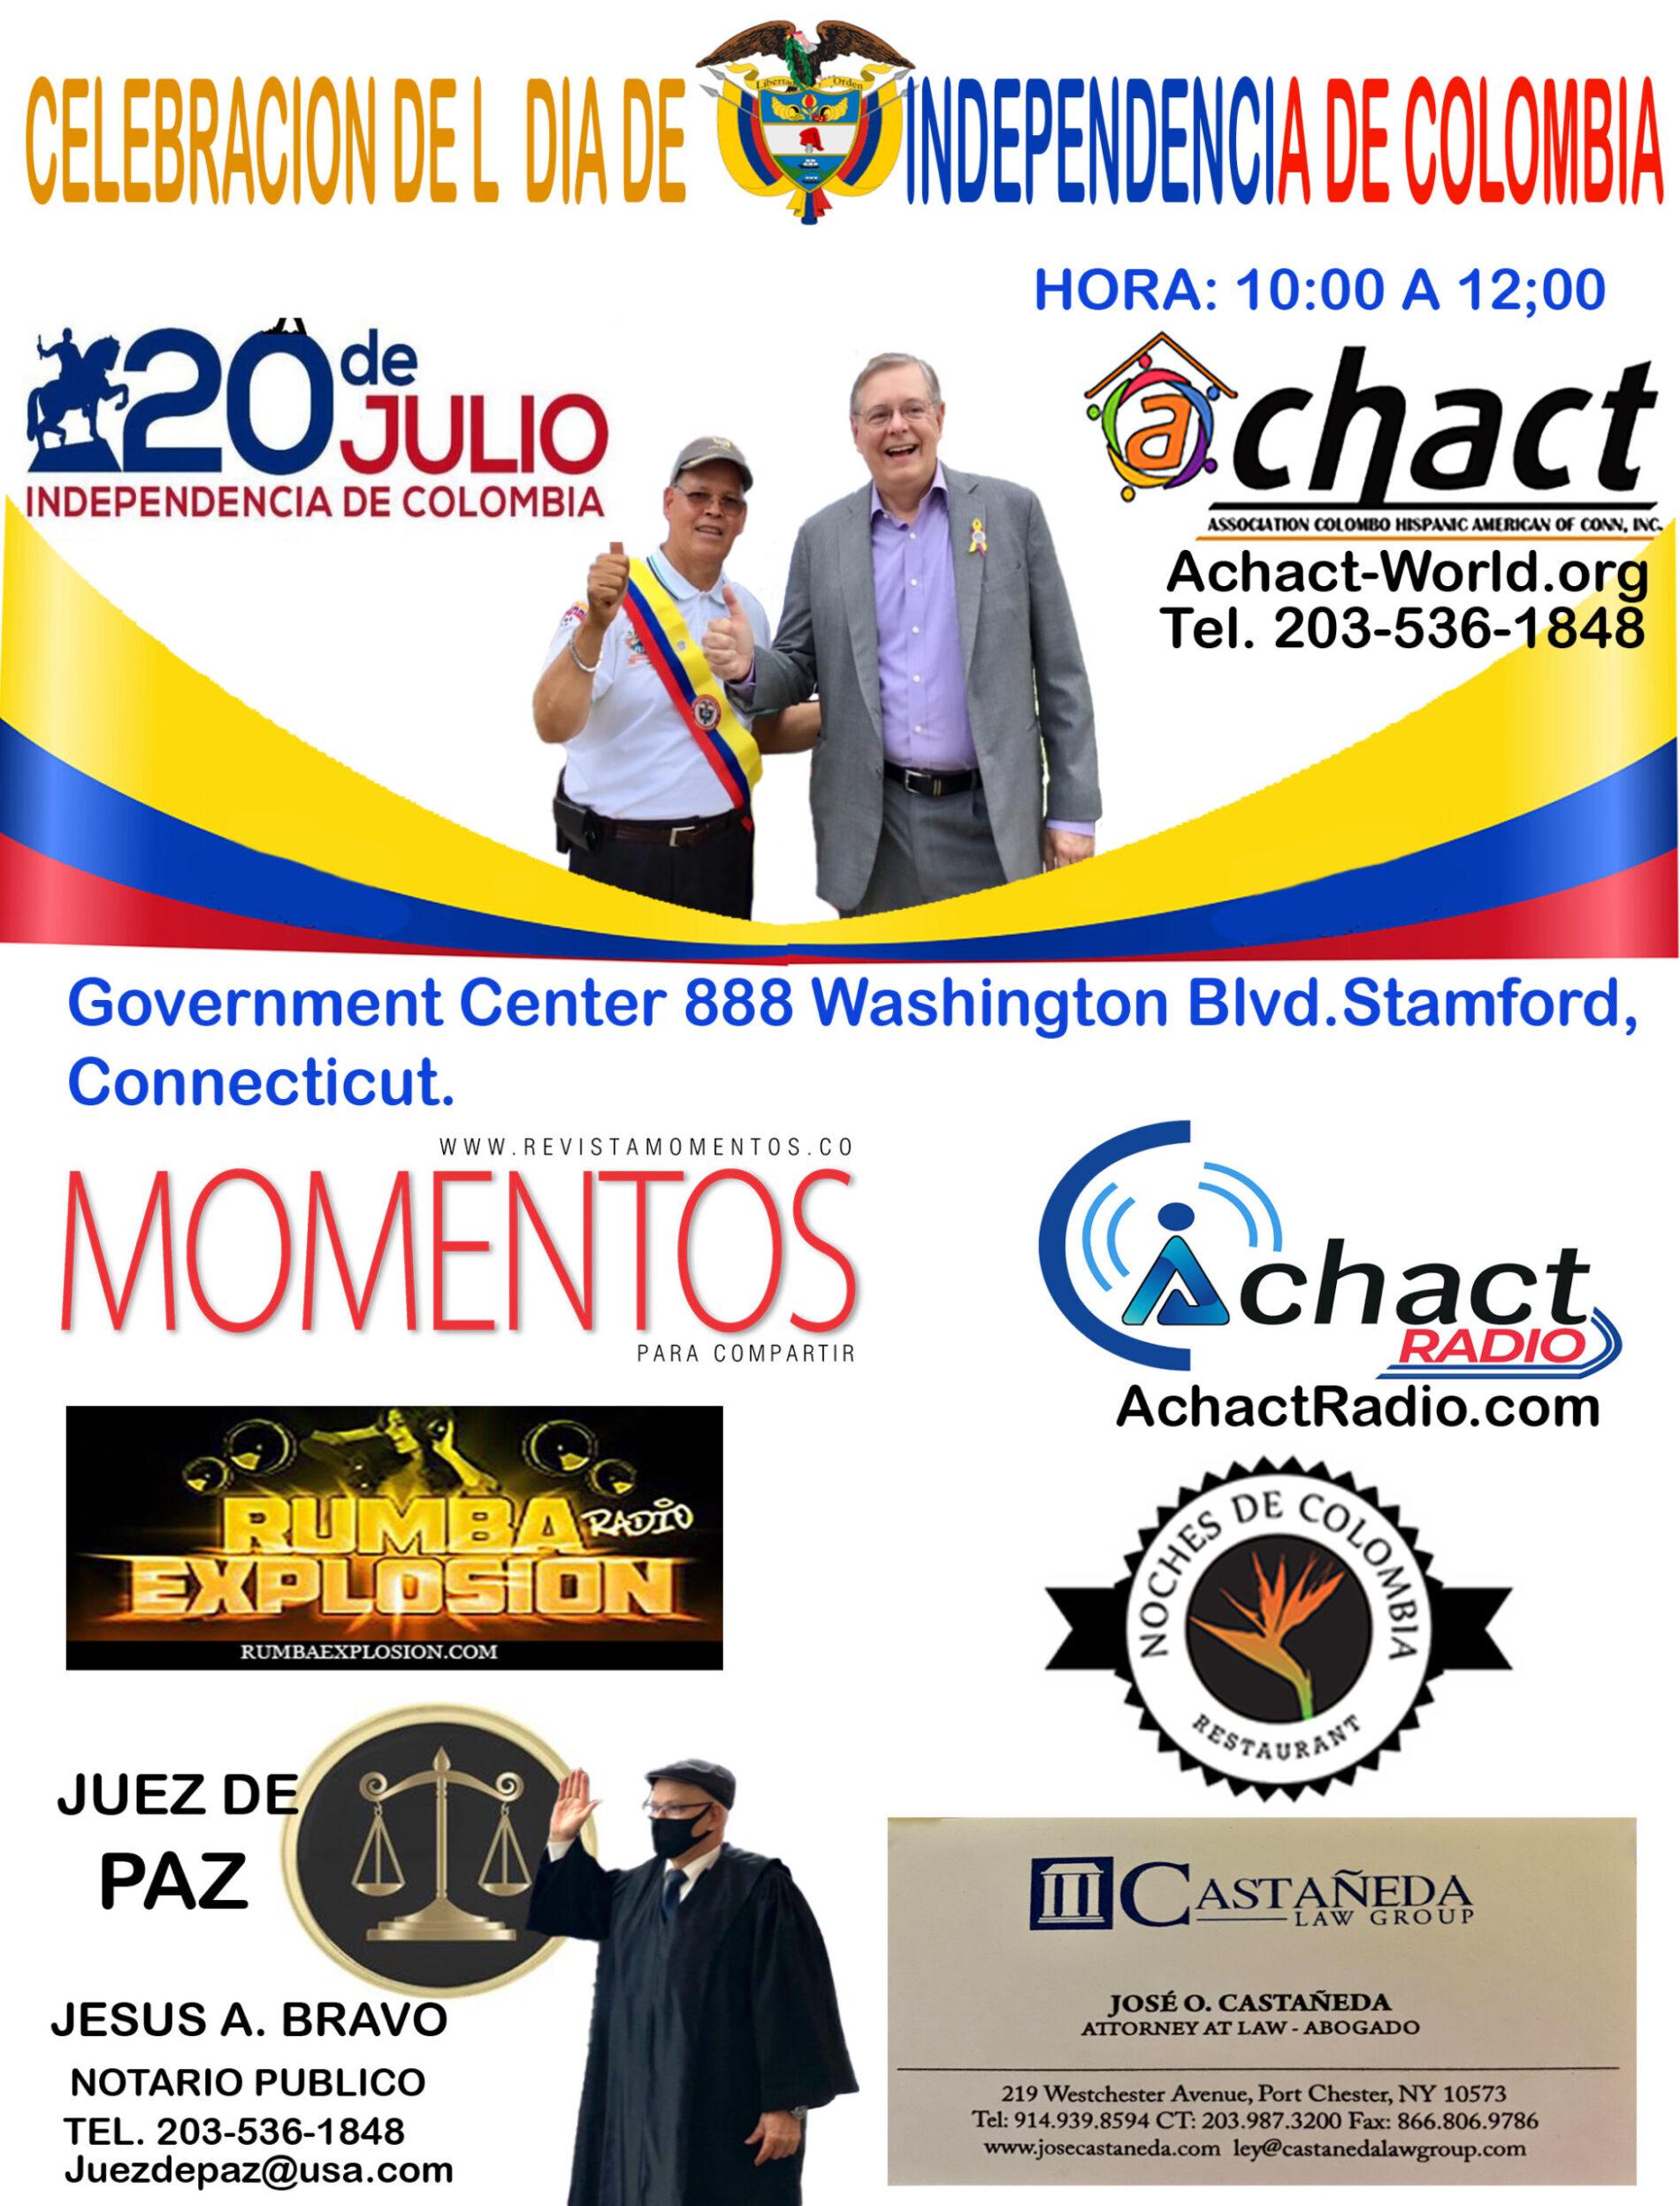 20 DE JULIO, LA CELEBRACIÓN DE COLOMBIA EN STAMFORD, CONNECTICUT